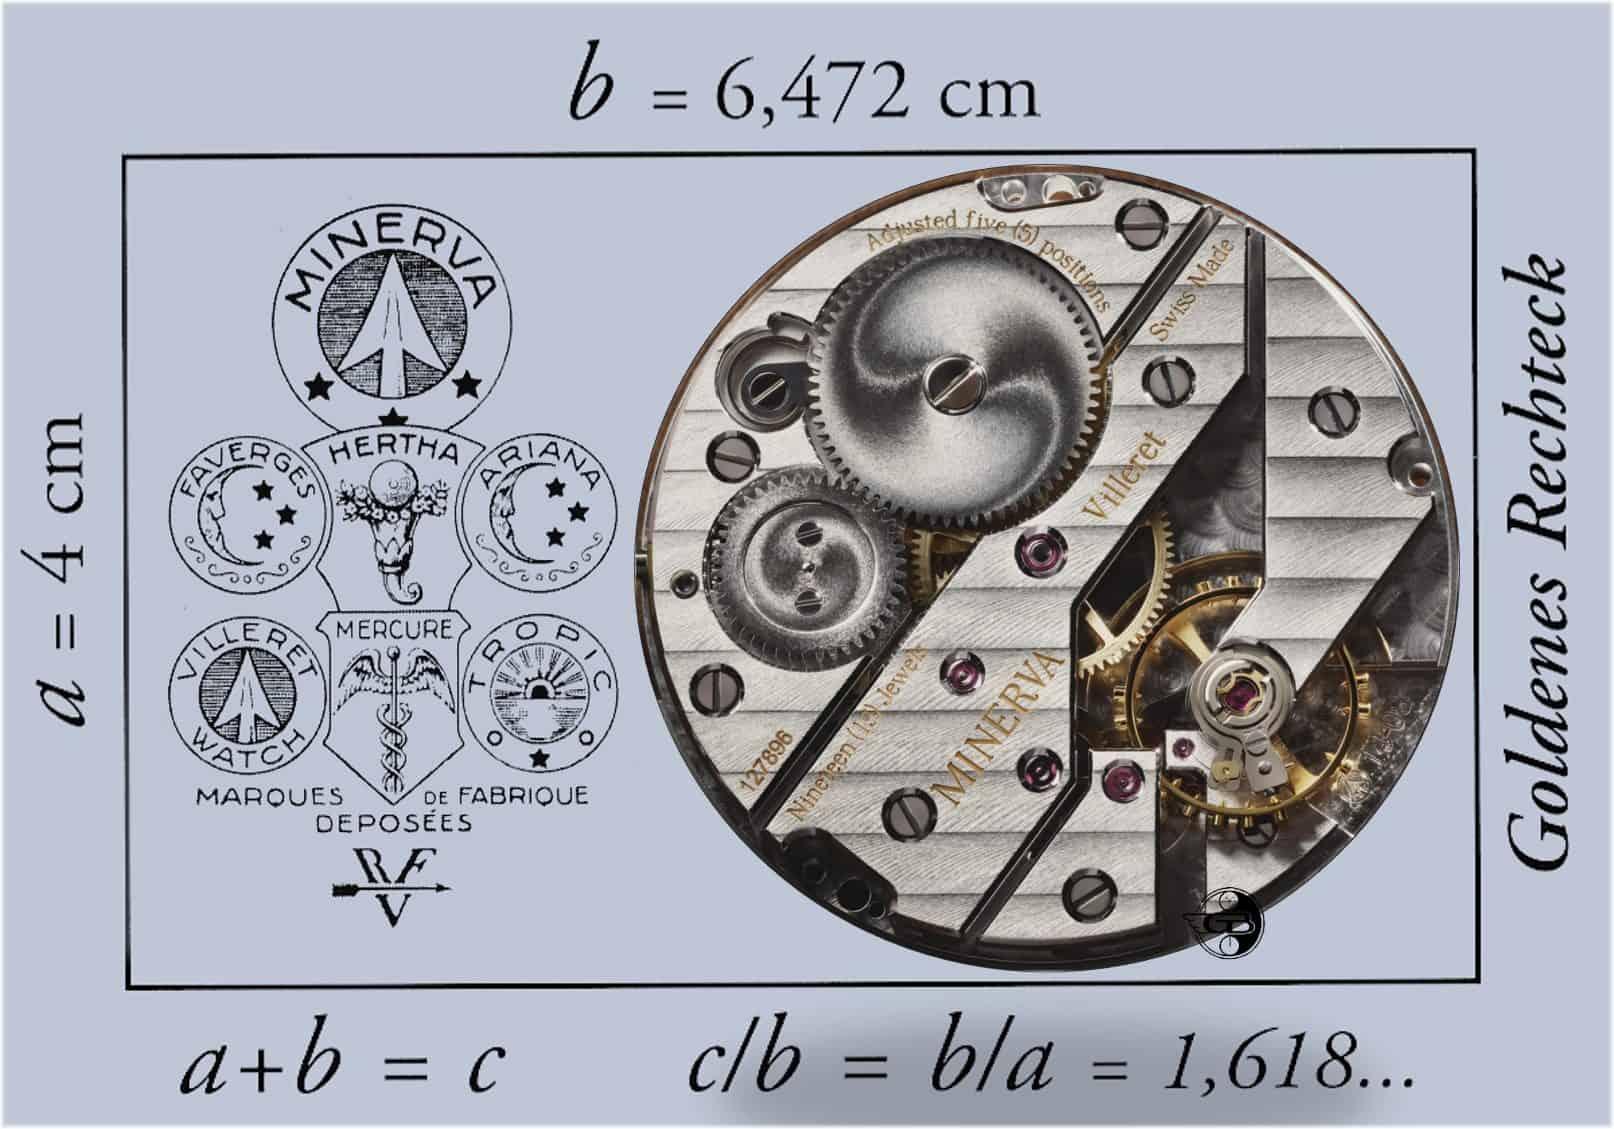 Montblanc Manufakturkaliber MB M14.08 (C) Uhrenkosmos